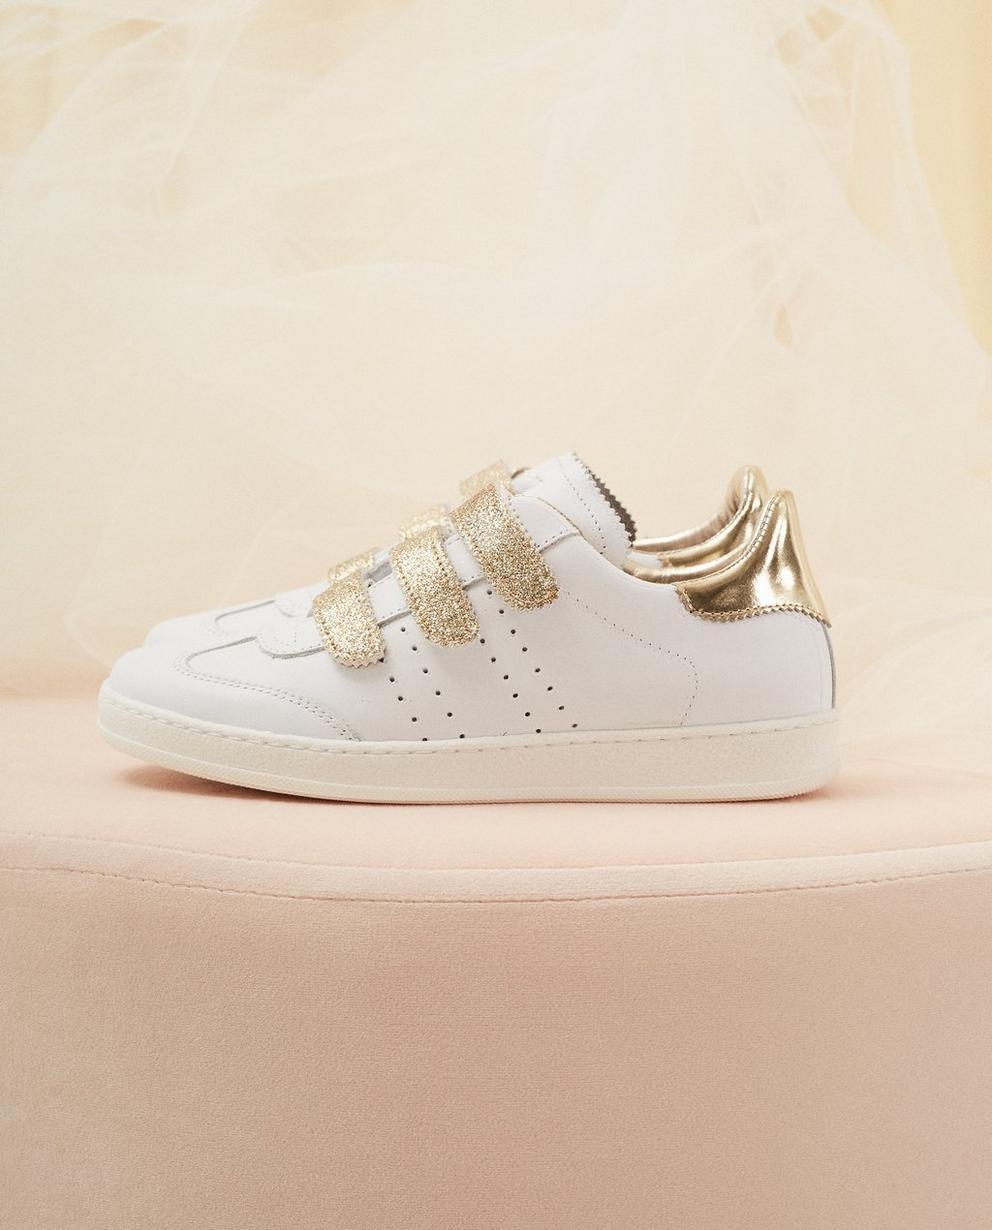 Weiße Sneaker, Größe 30-37 - mit Goldglitzer - Milla Star